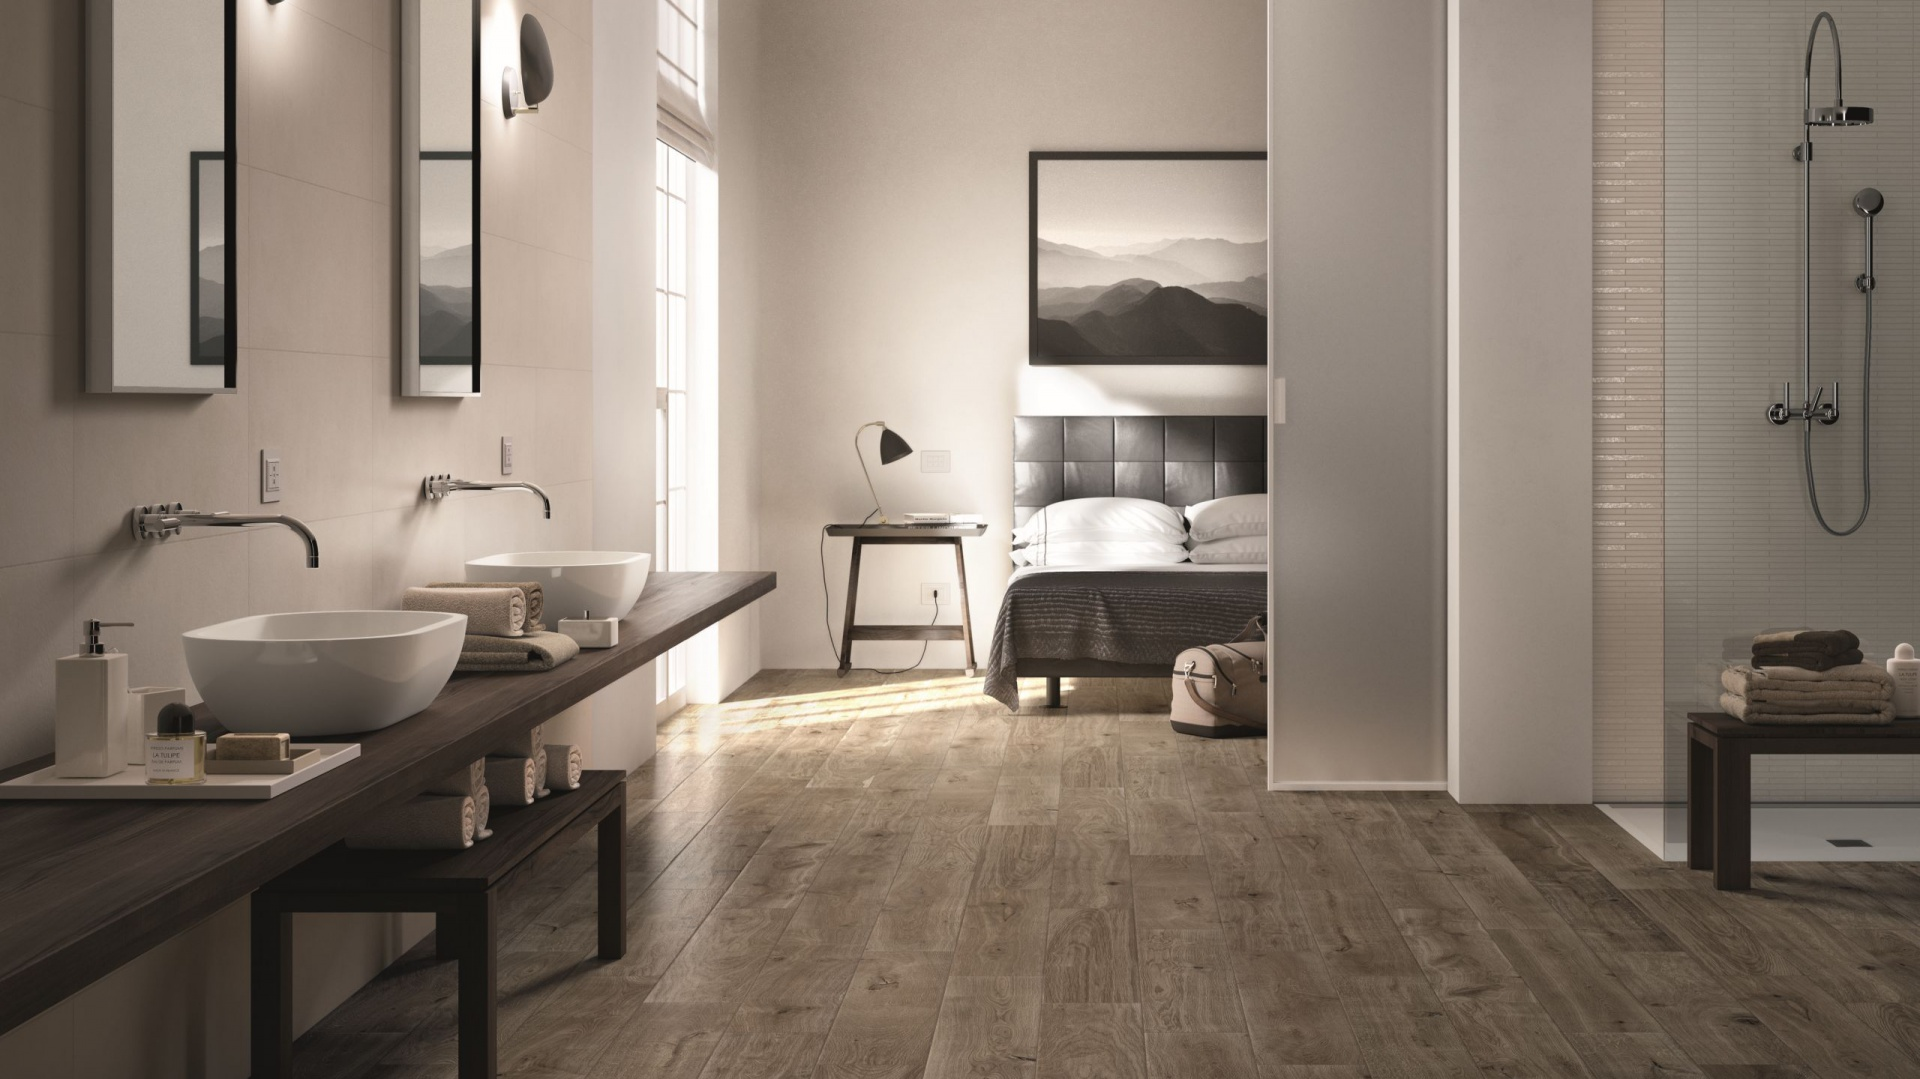 Płytki z kolekcji Treverker Marazzi polecane są na podłogi. Świetnie sprawdzą się we wnętrzach w stylu skandynawskim, czy otwartych przestrzeniach typu loft. Do złudzenie przypominają drewno. Fot. Marazzi.